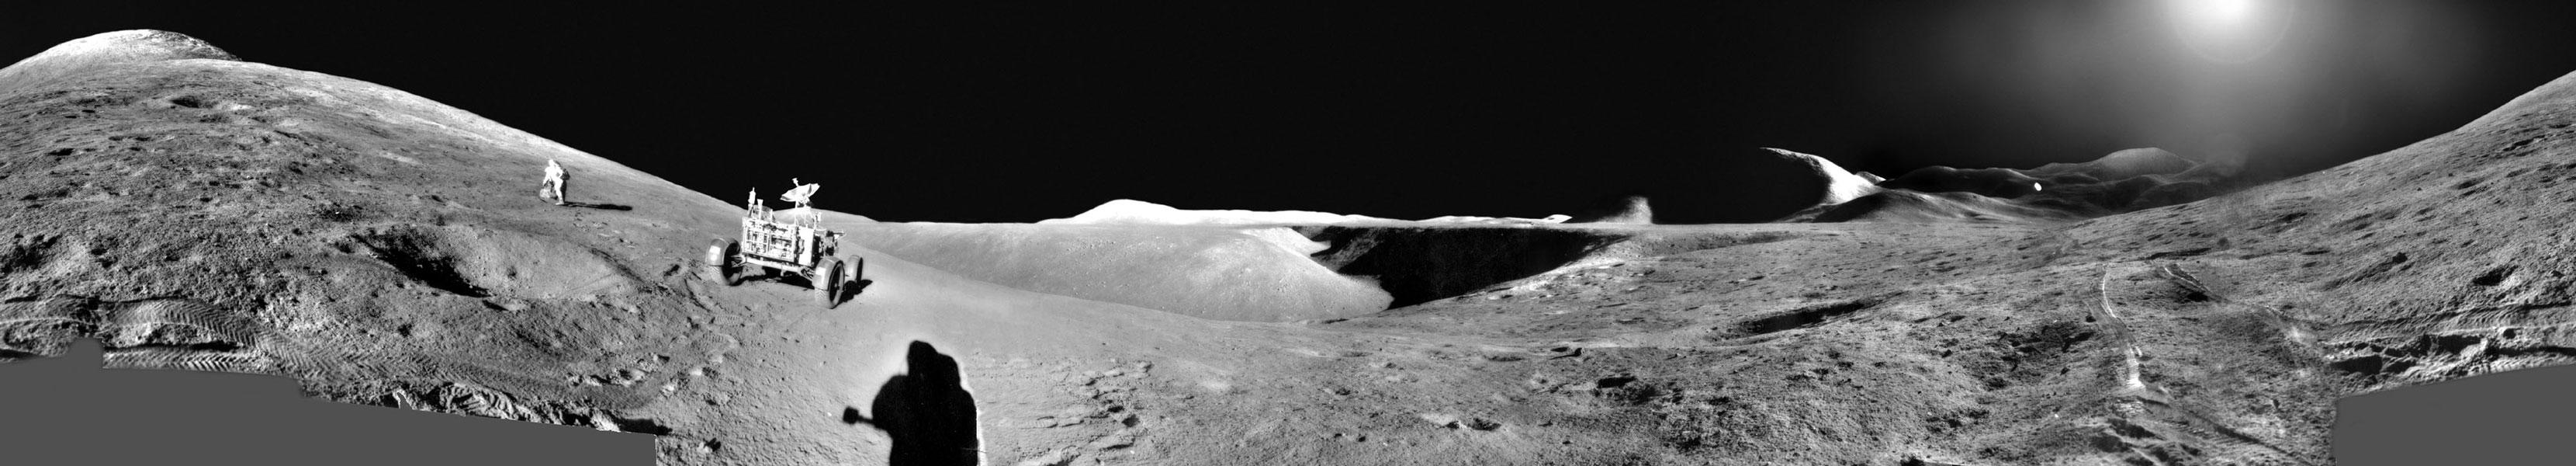 Vers la Lune et au-delà